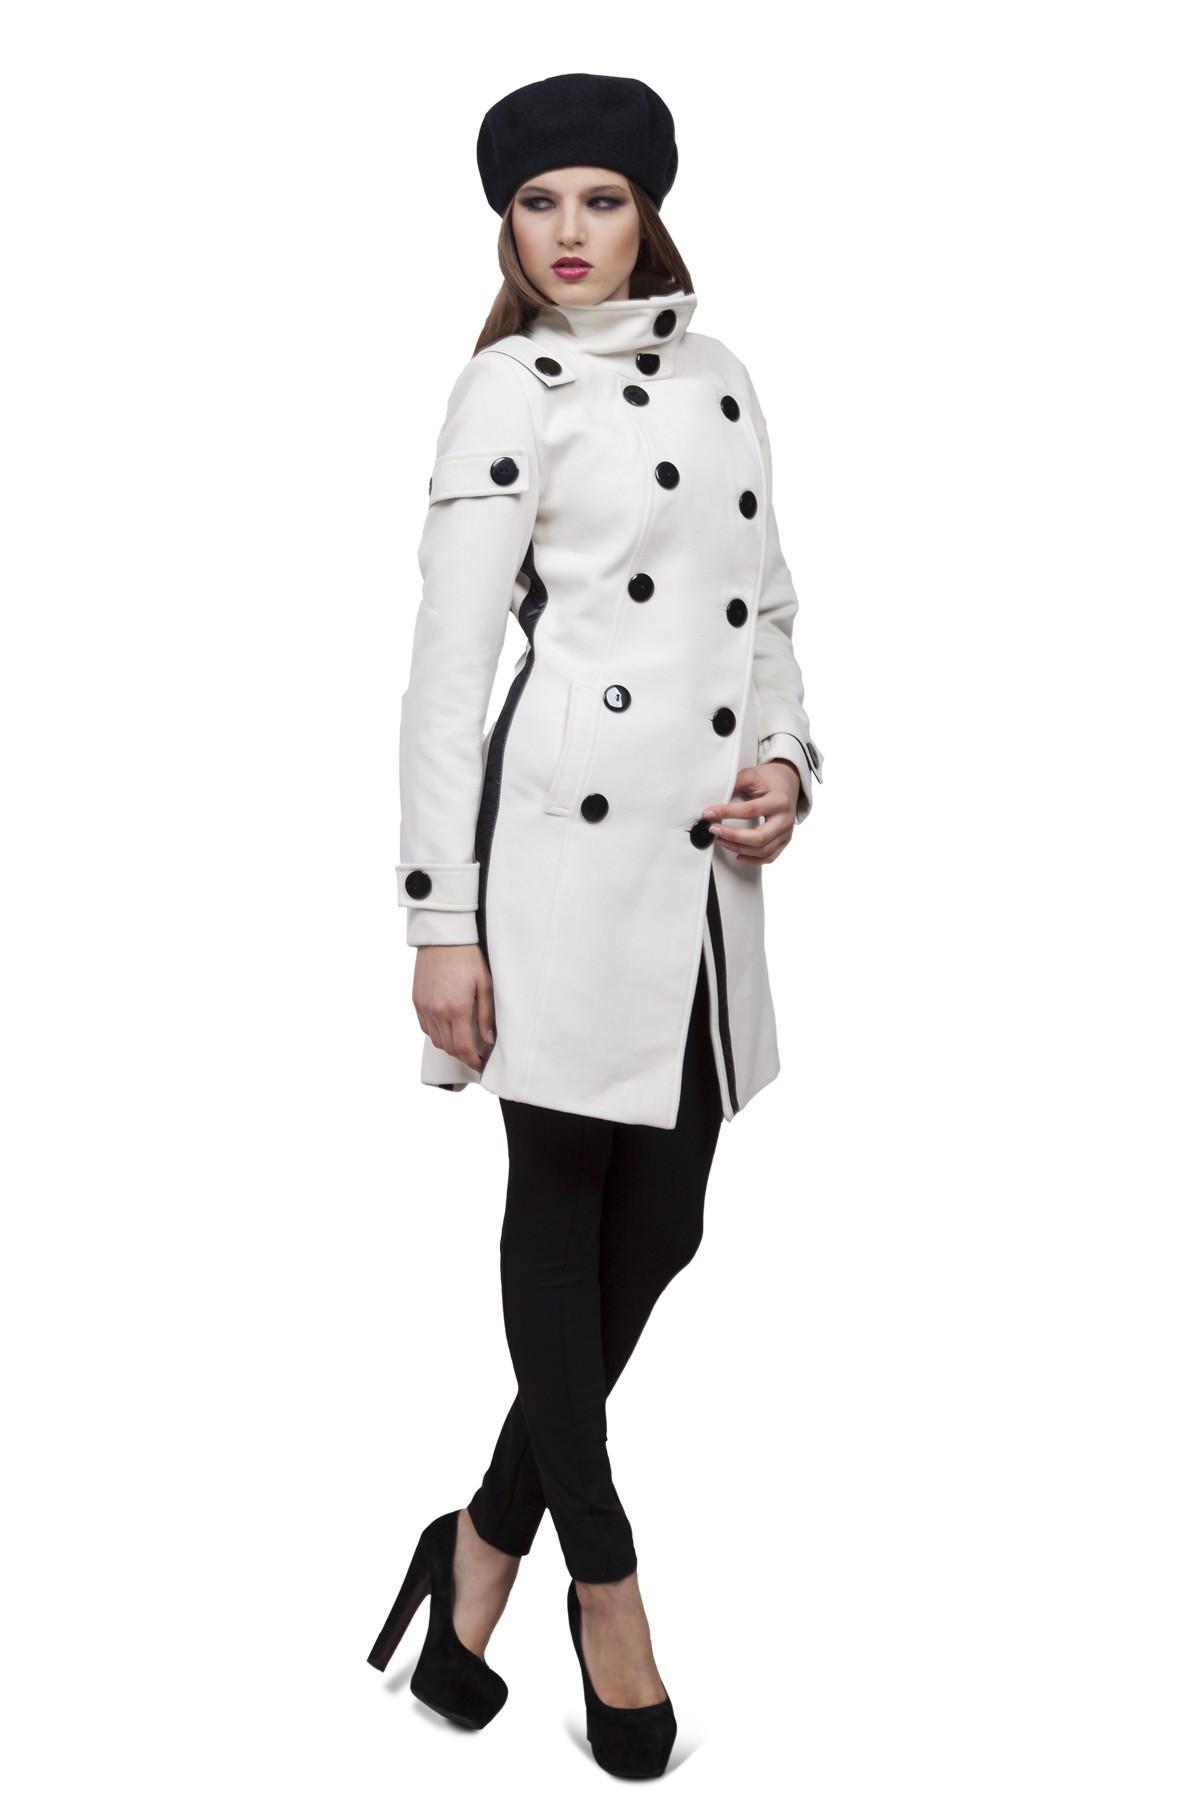 ПальтоЖенские куртки, плащи, пальто<br>Классическое пальто в современном исполнении. Двубортная застежка придает модели строгий вид, а косые линии кроя - уникальность и эксклюзивность. Создаст строгий уверенный образ и согреет Вас в прохладную погоду.<br><br>Цвет: молочный<br>Состав: ткань - 64%полиэстер, 31% вискоза, 5% лайкра, утеплитель - 100%полиэстер, подкладка - 100%полиэстер<br>Размер: 48,50,52<br>Страна дизайна: Россия<br>Страна производства: Россия